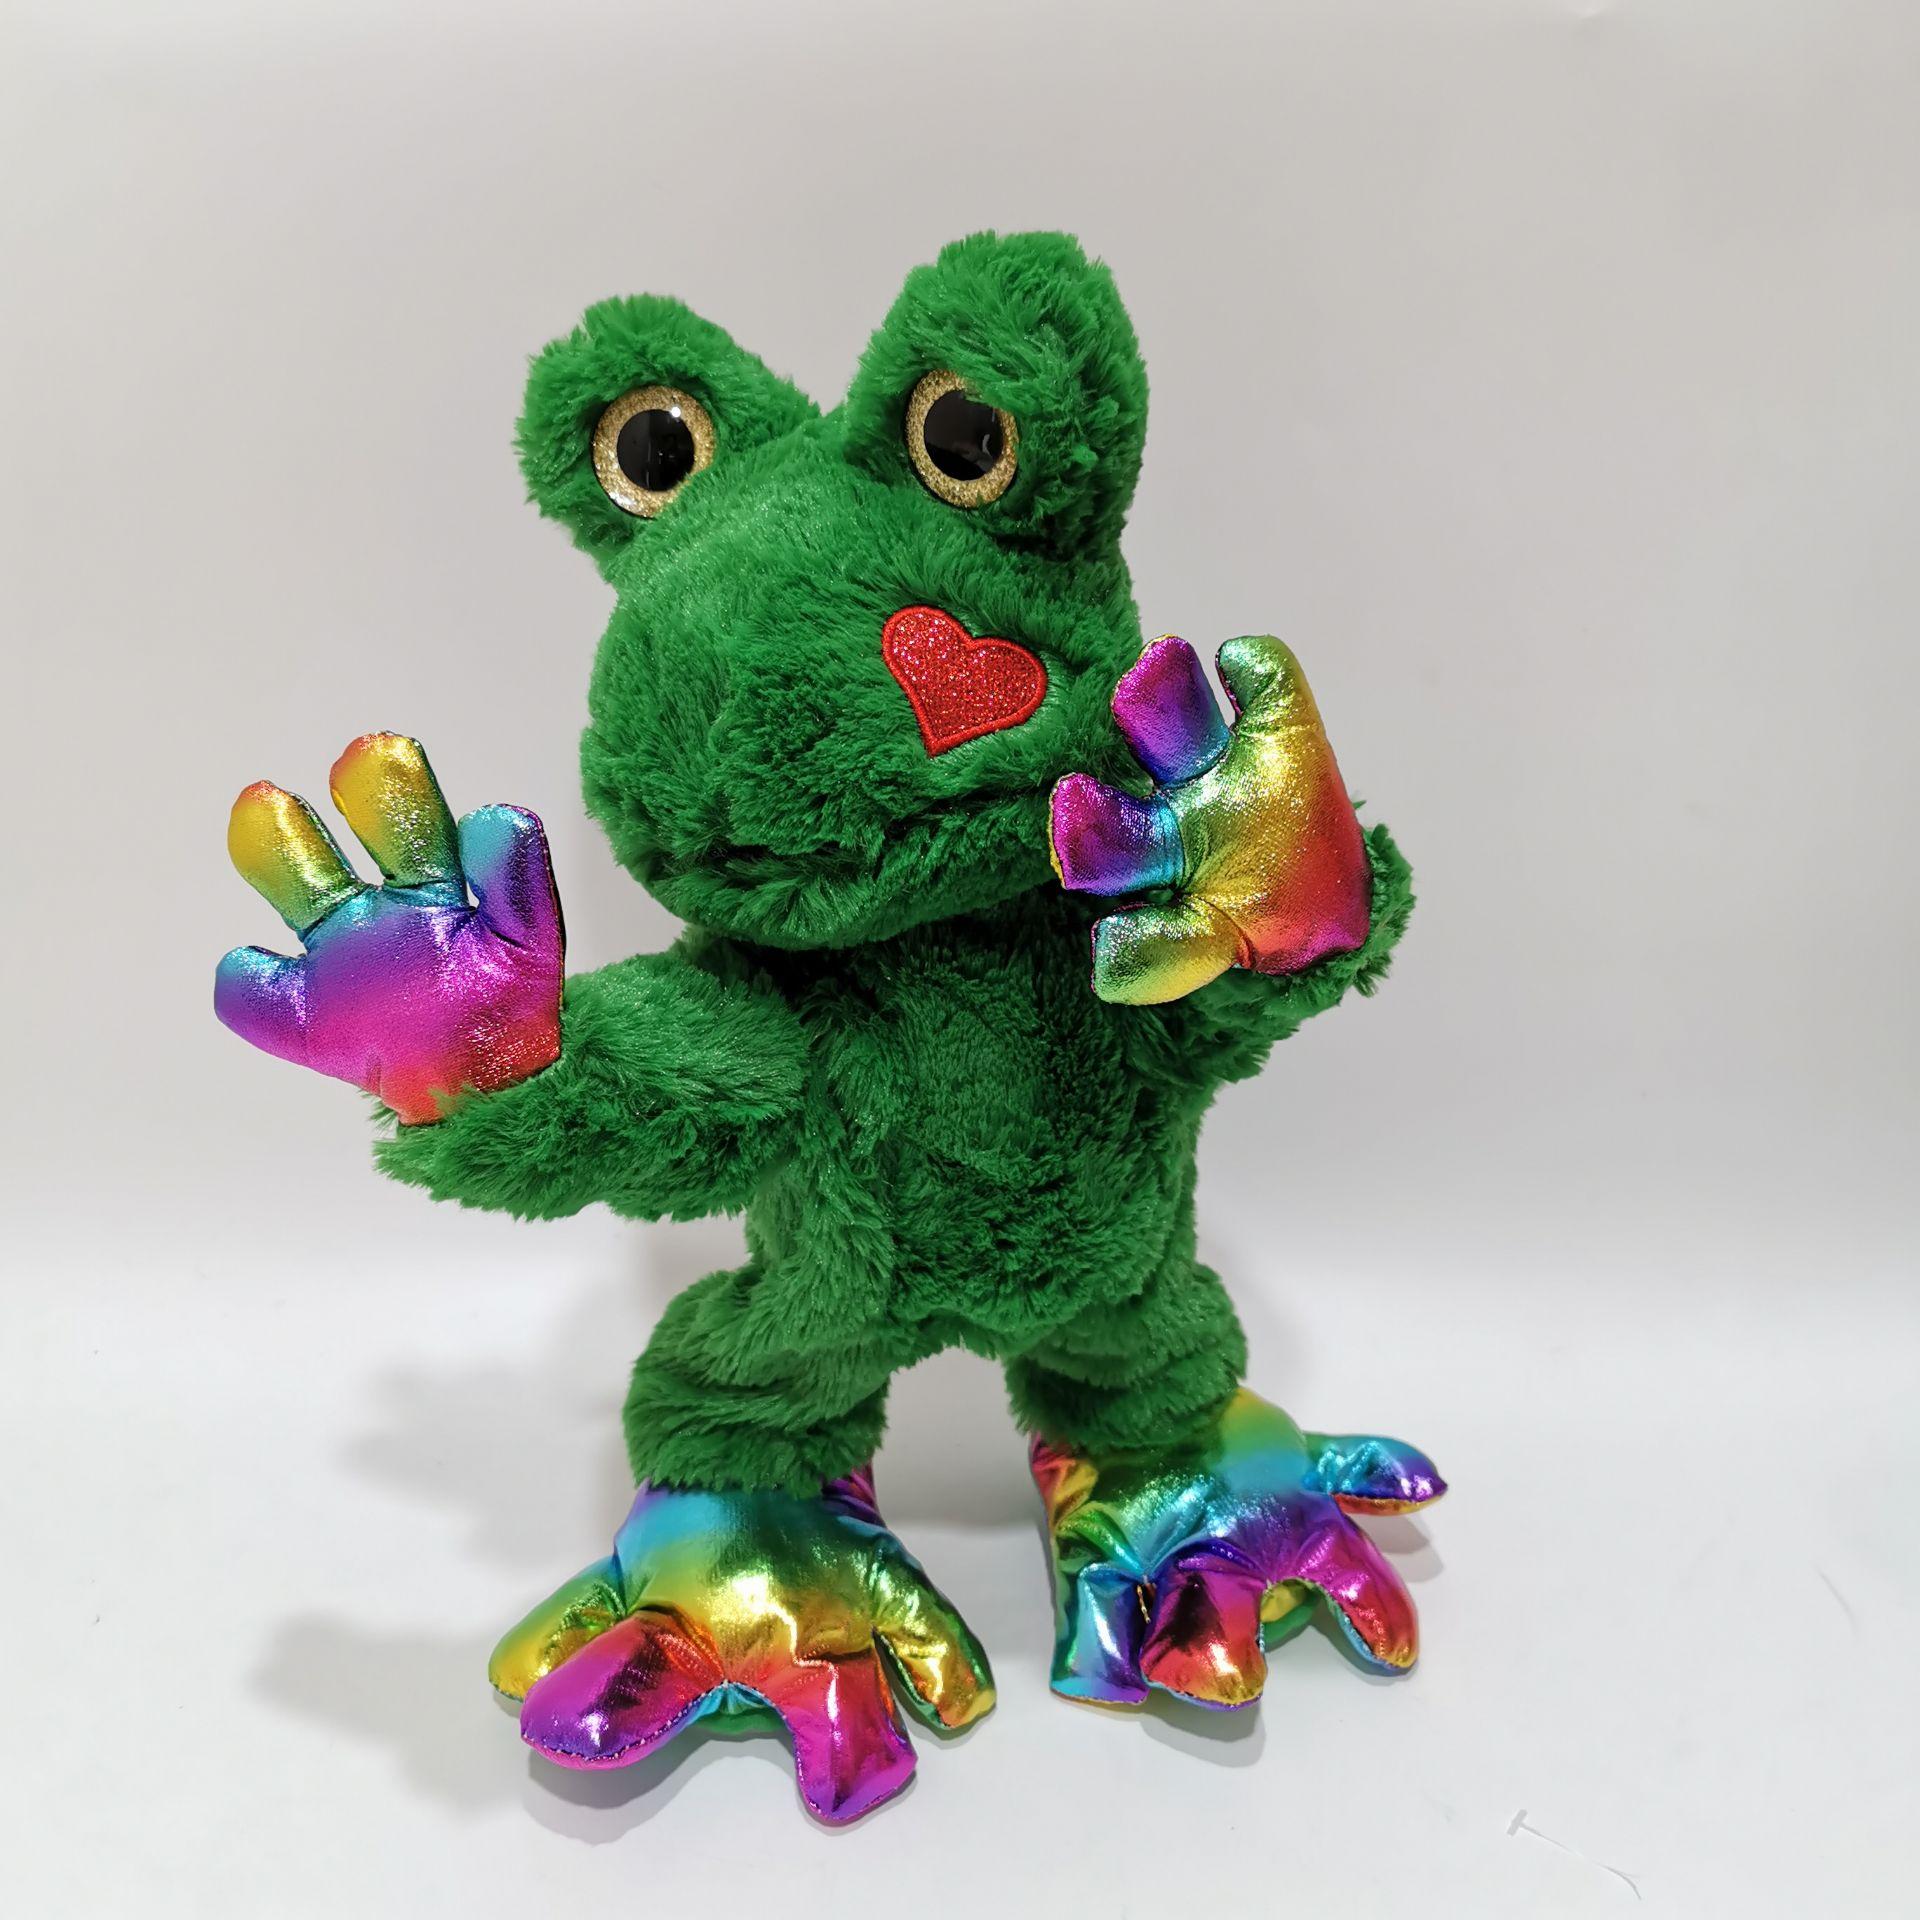 Valentine gift plush toy